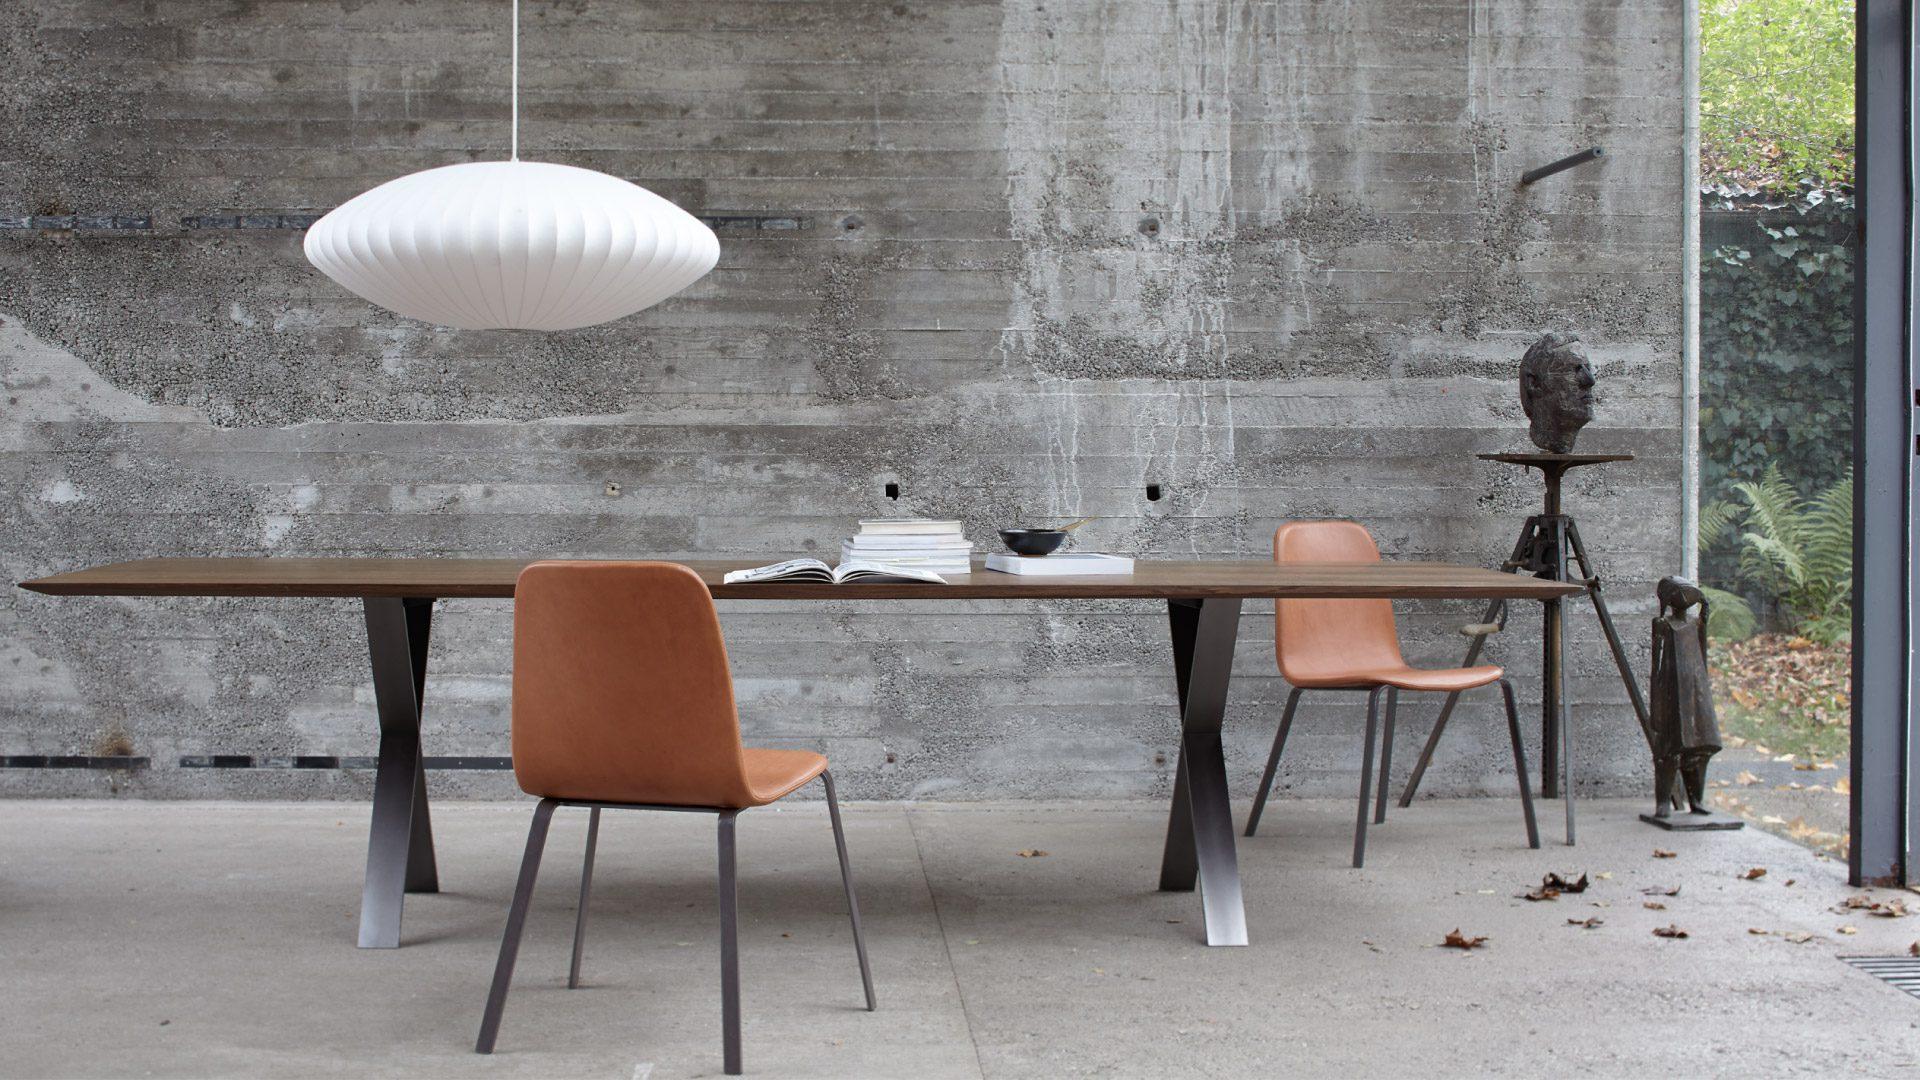 essen tendenza m bel m belhaus designm bel n rnberg f rth und erlangen. Black Bedroom Furniture Sets. Home Design Ideas